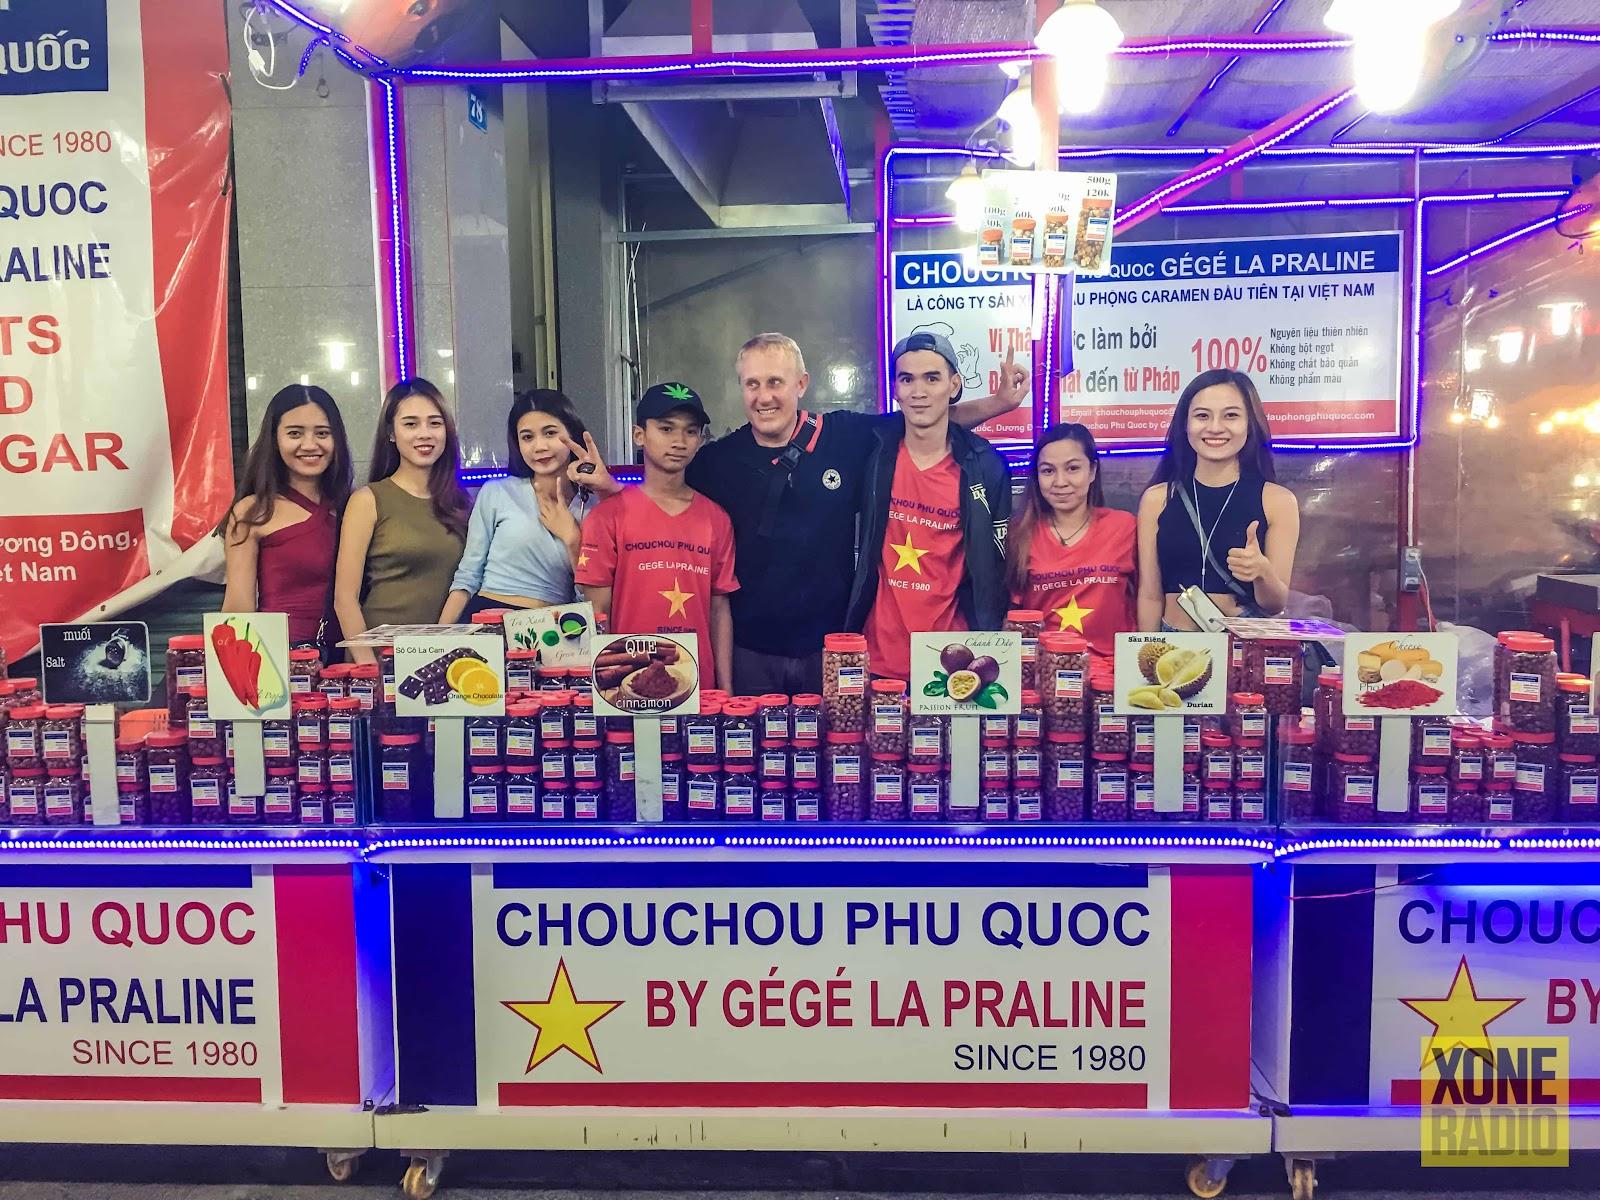 Chou Chou được làm bởi người Pháp